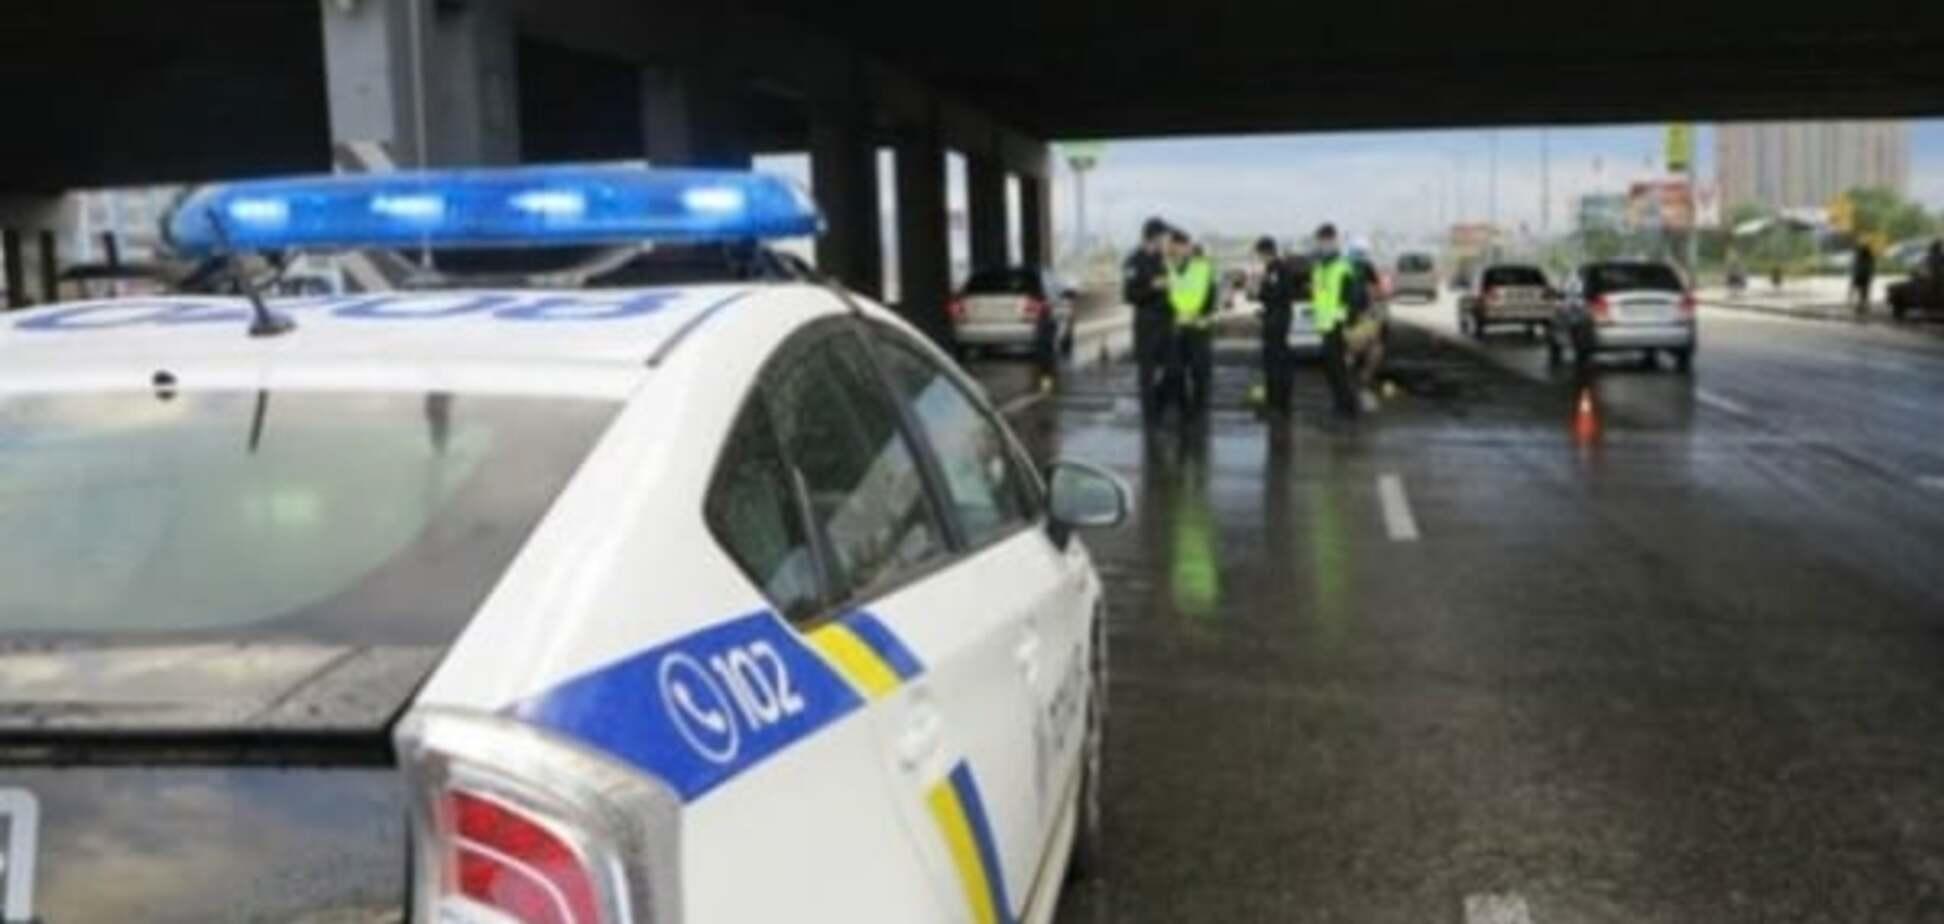 'Немає ДАІ - пішов контроль'. Аварійність в Києві виросла в 3 рази: інфографіка